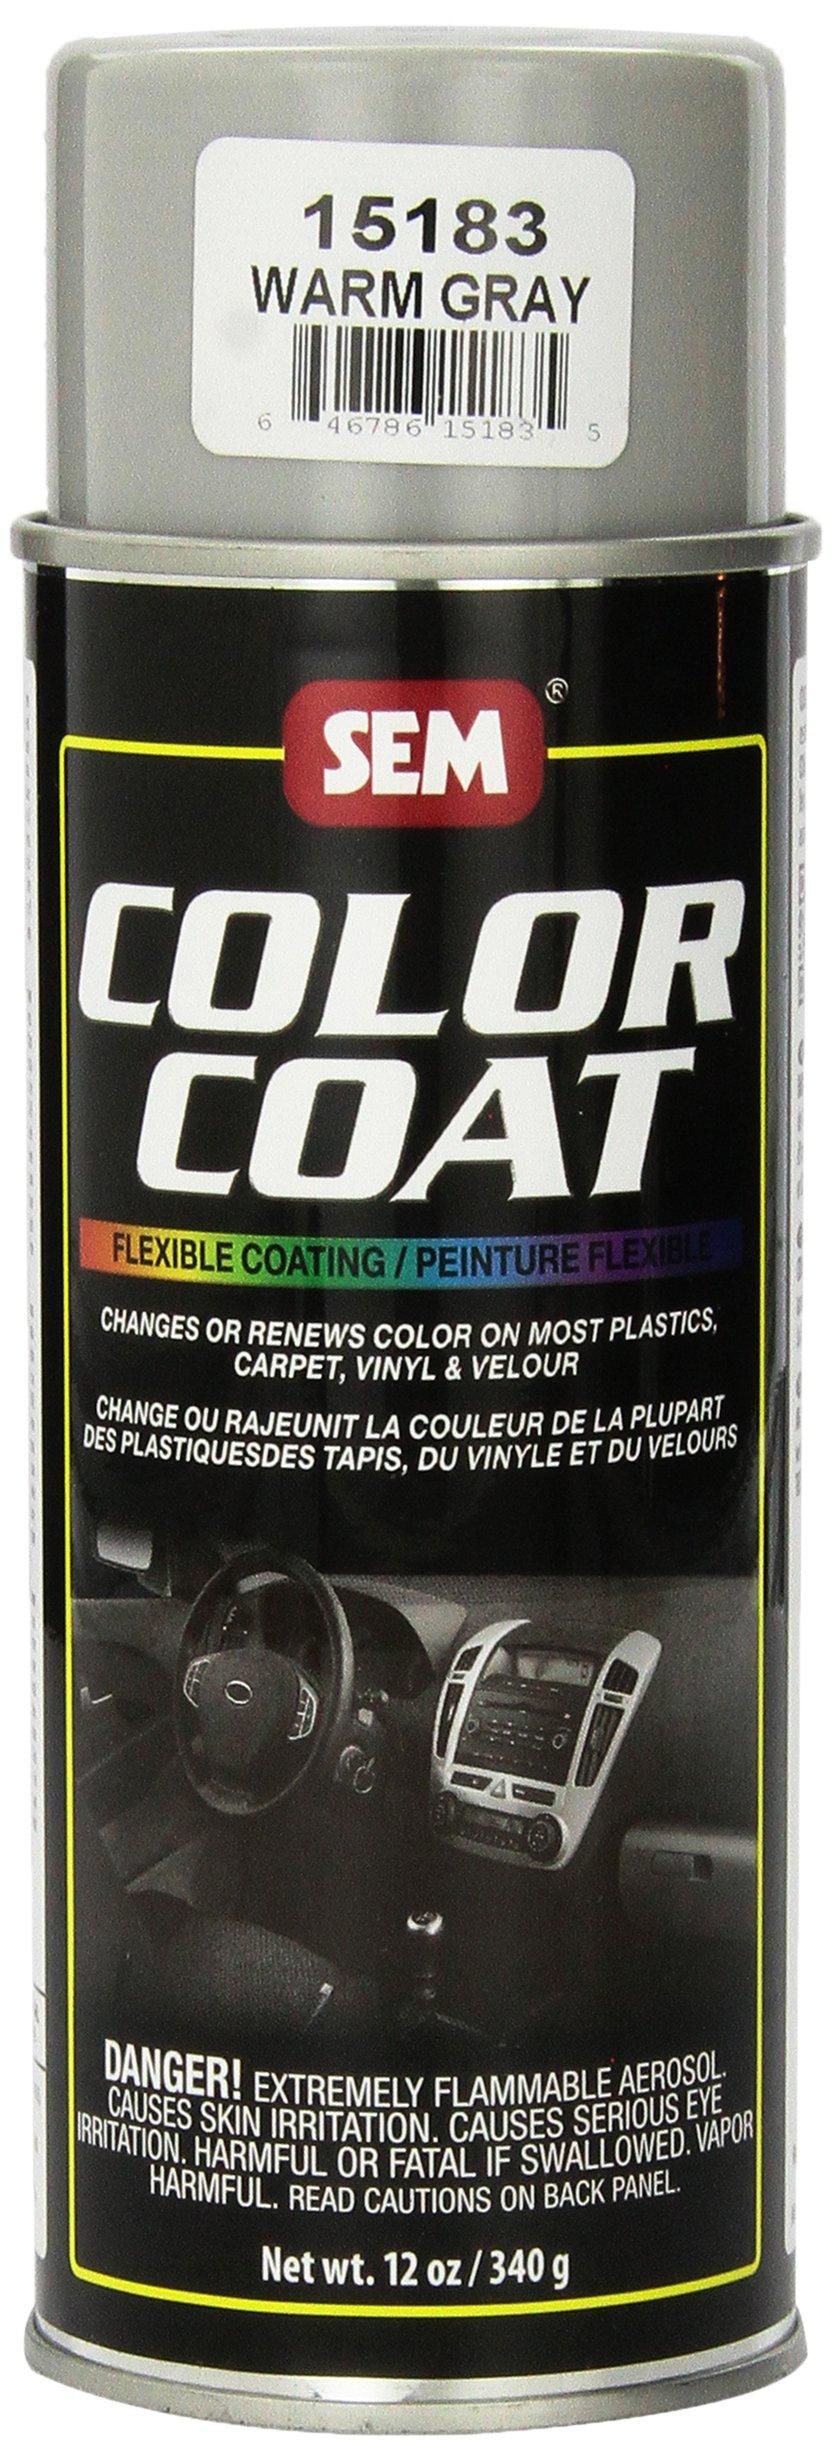 SEM 15183 Warm Gray Color Coat - 12 oz.